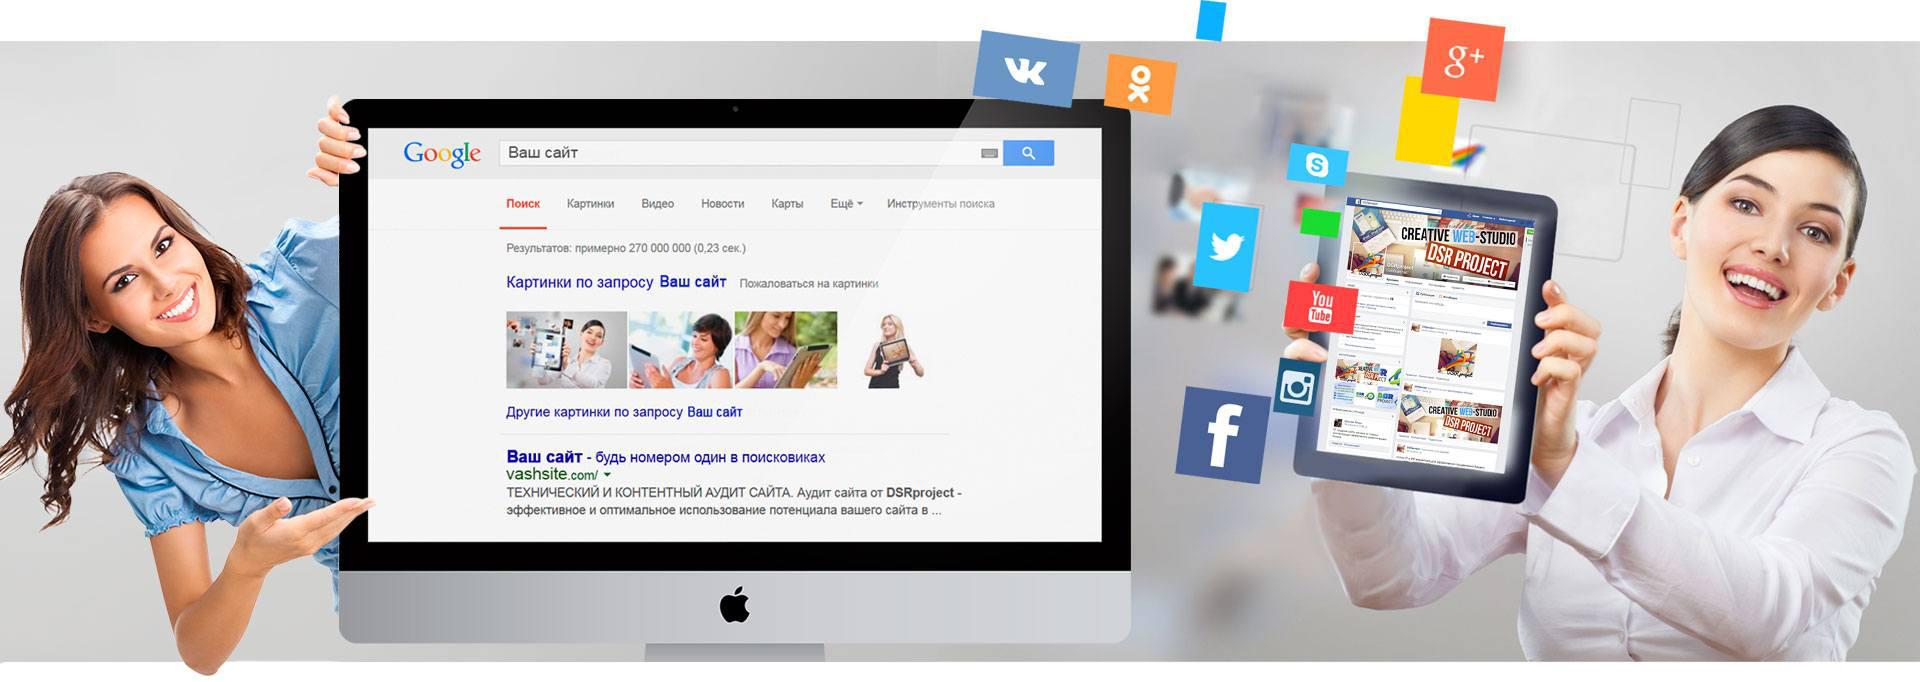 Важность социальных сетей для бизнеса